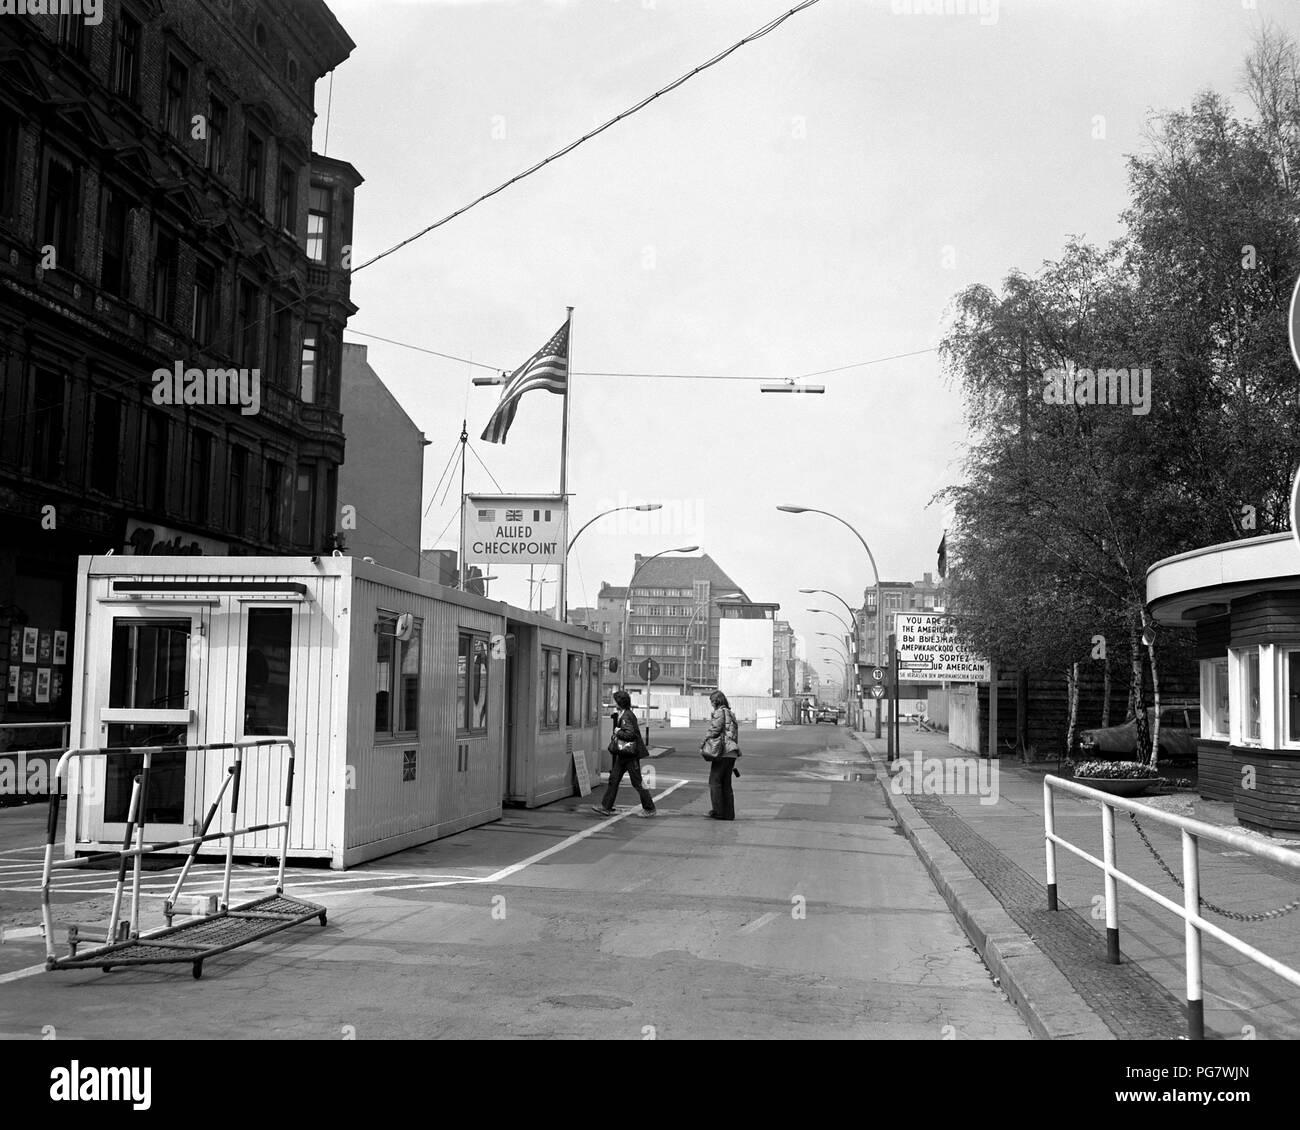 Una vista de Checkpoint Charlie, el punto de cruce para los extranjeros que están de visita en Berlín Oriental. Imagen De Stock